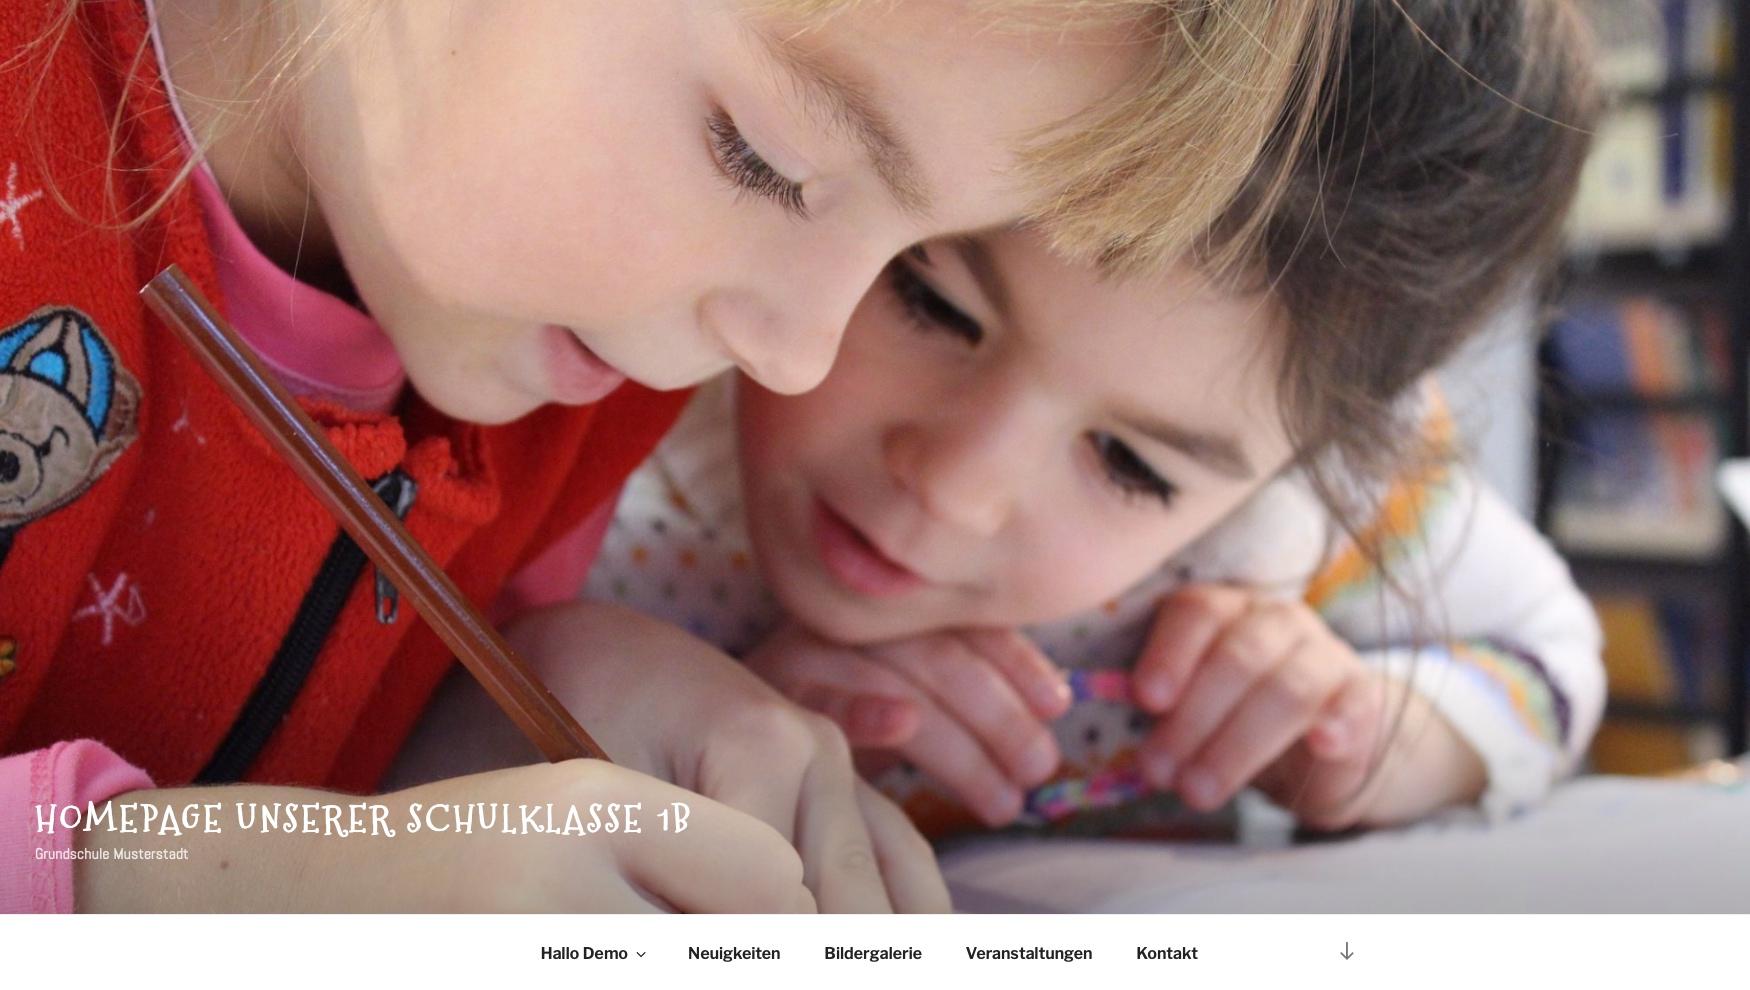 Klassenhomepage für Schulklassen - Startseite mit großem Bildheader und Menü © 2019 Web-Kreativ WordPress Webdesign Manufaktur